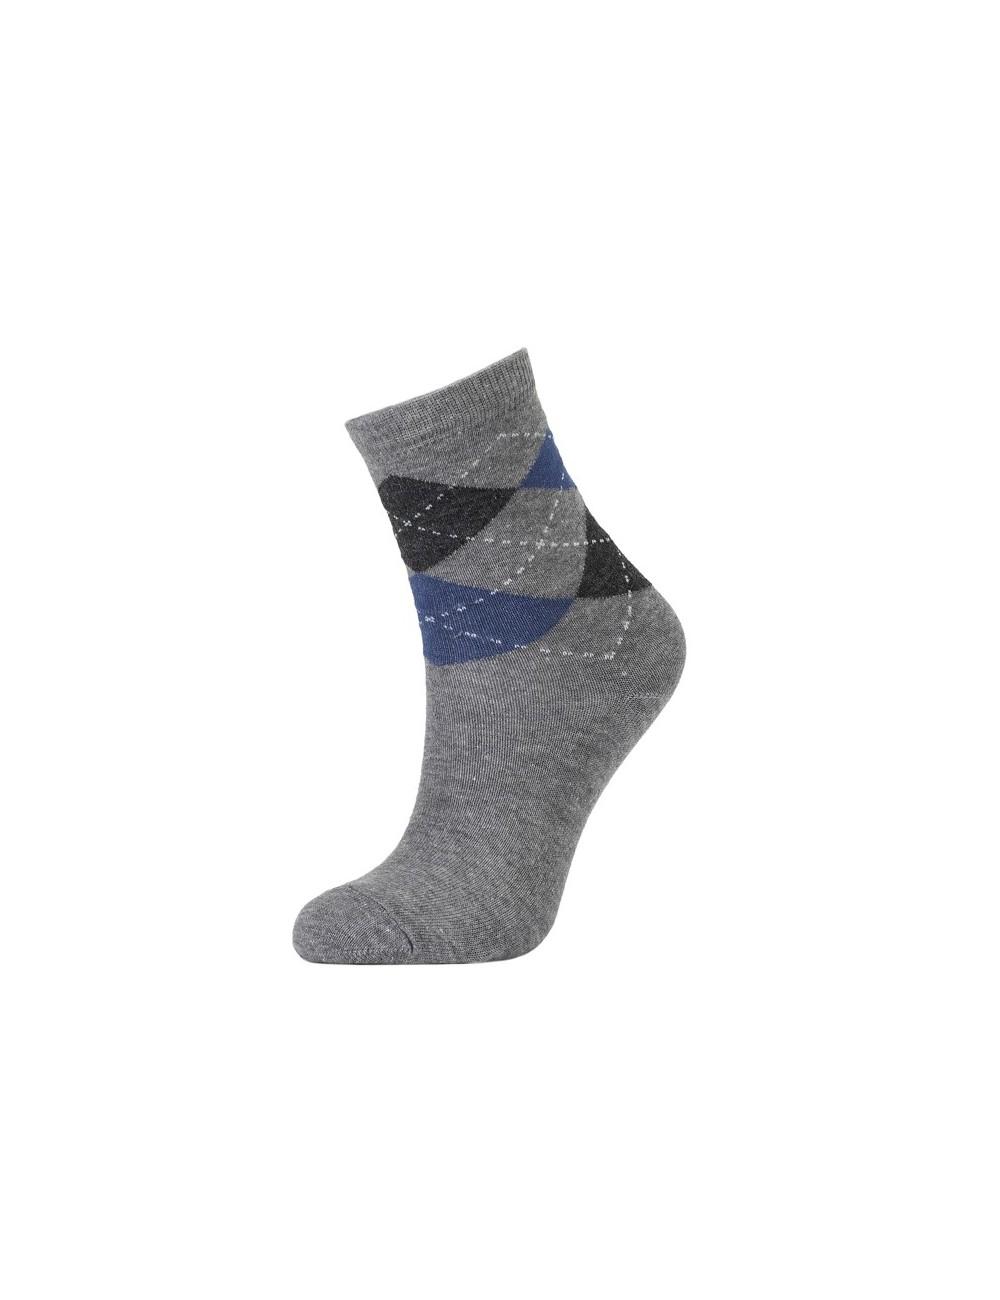 Παιδικές βαμβακερές κάλτσες για αγόρια cfa82fed7a5